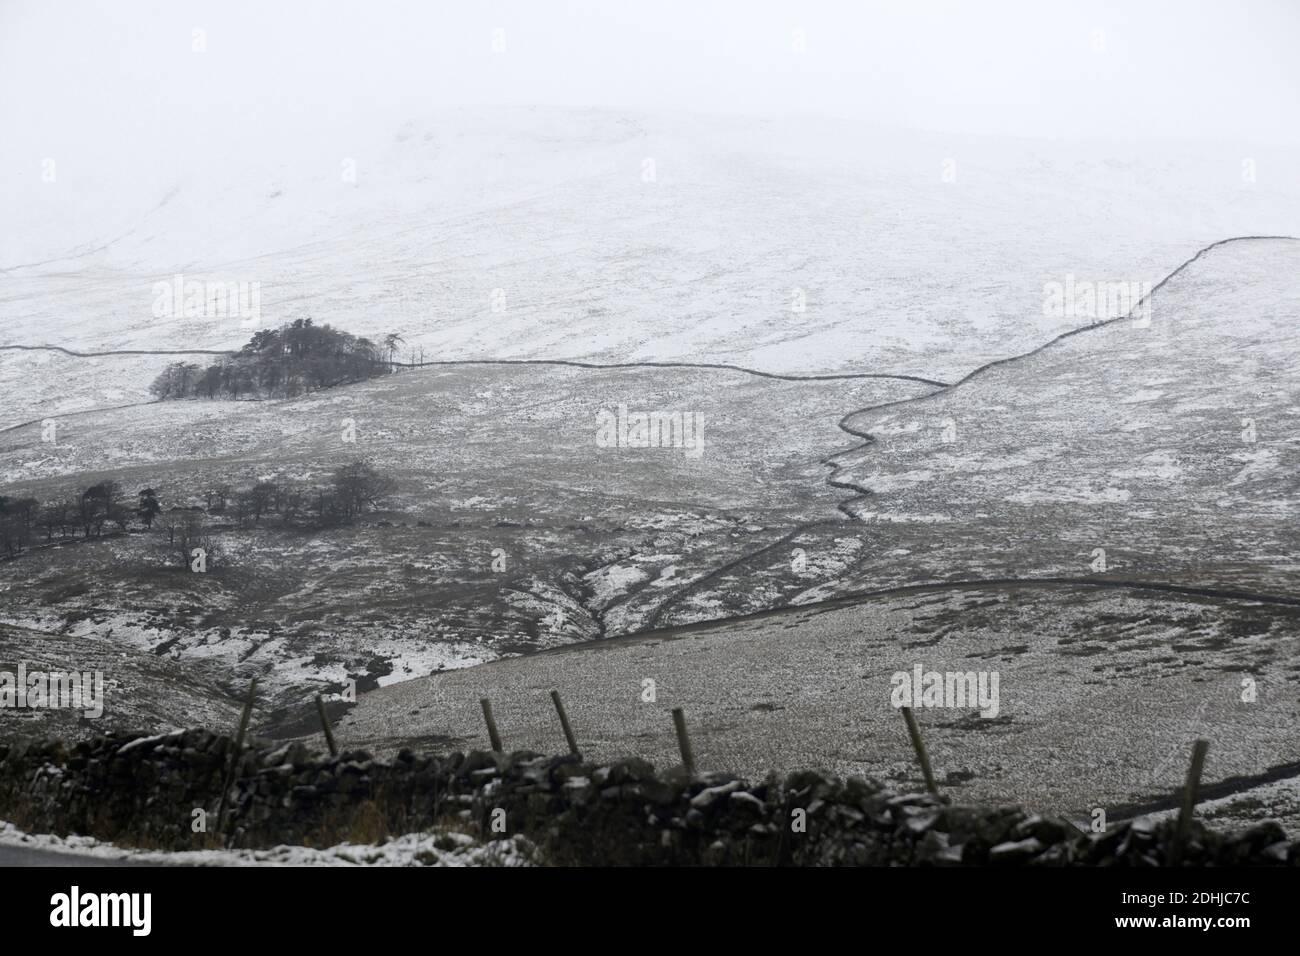 La photo est une scène neigeuse dans les Yorkshire Dales au-dessus de Hawes. Météo neige hiver neige neige neige neige neige neige Banque D'Images